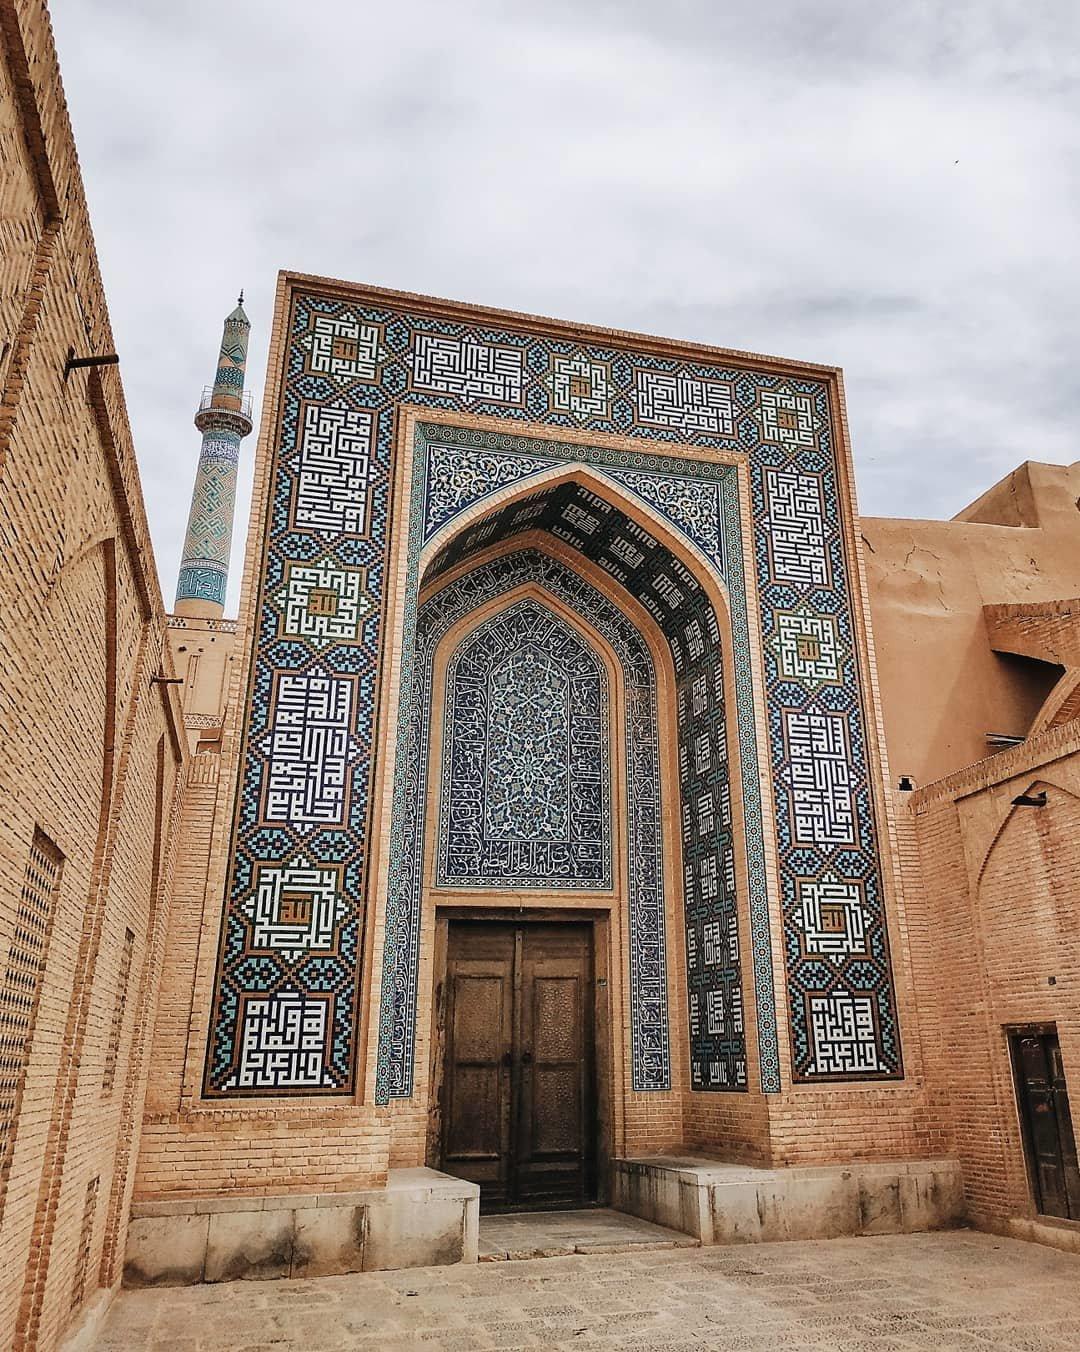 Город роз, персидские дворцы и Медина. Как харьковчанка провела две недели в Иране и Марокко, - ФОТО, фото-4